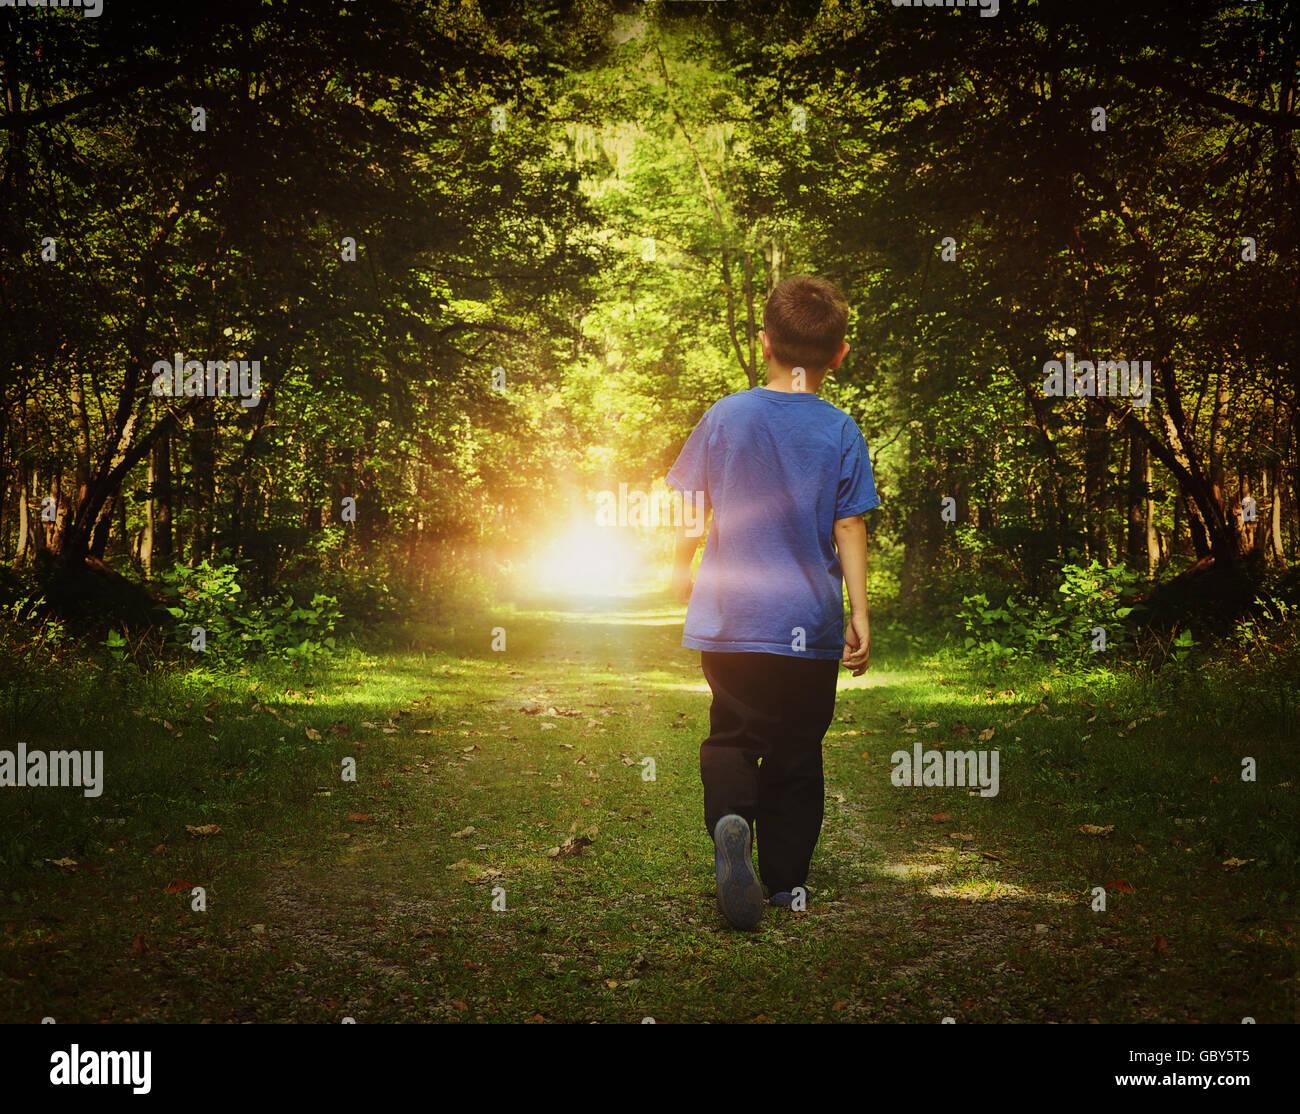 Un bambino è percorribile a piedi in legno scuro in una luce brillante su un percorso per una libertà Immagini Stock